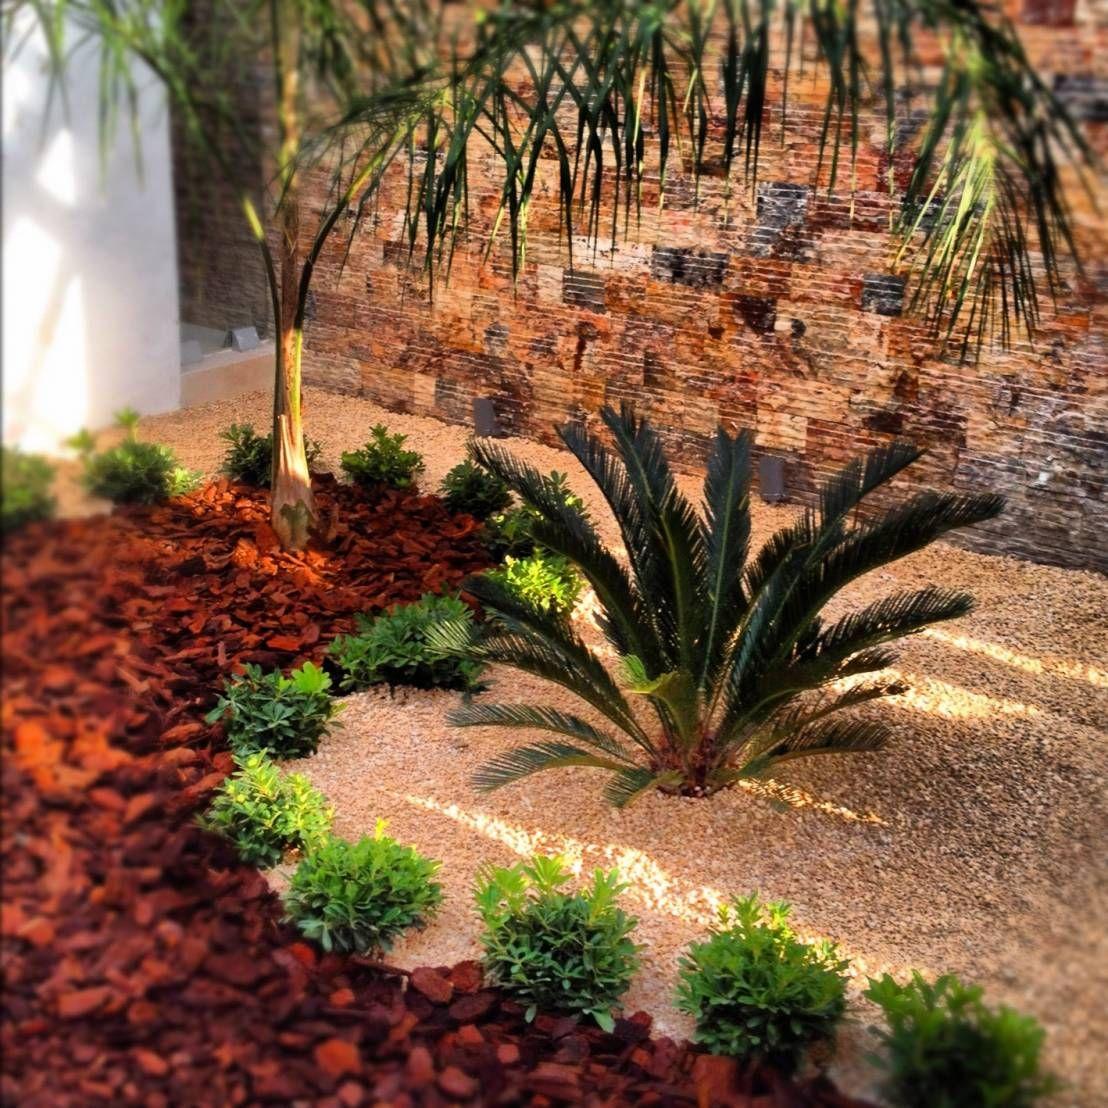 jardines modernos con piedras buscar con google urban